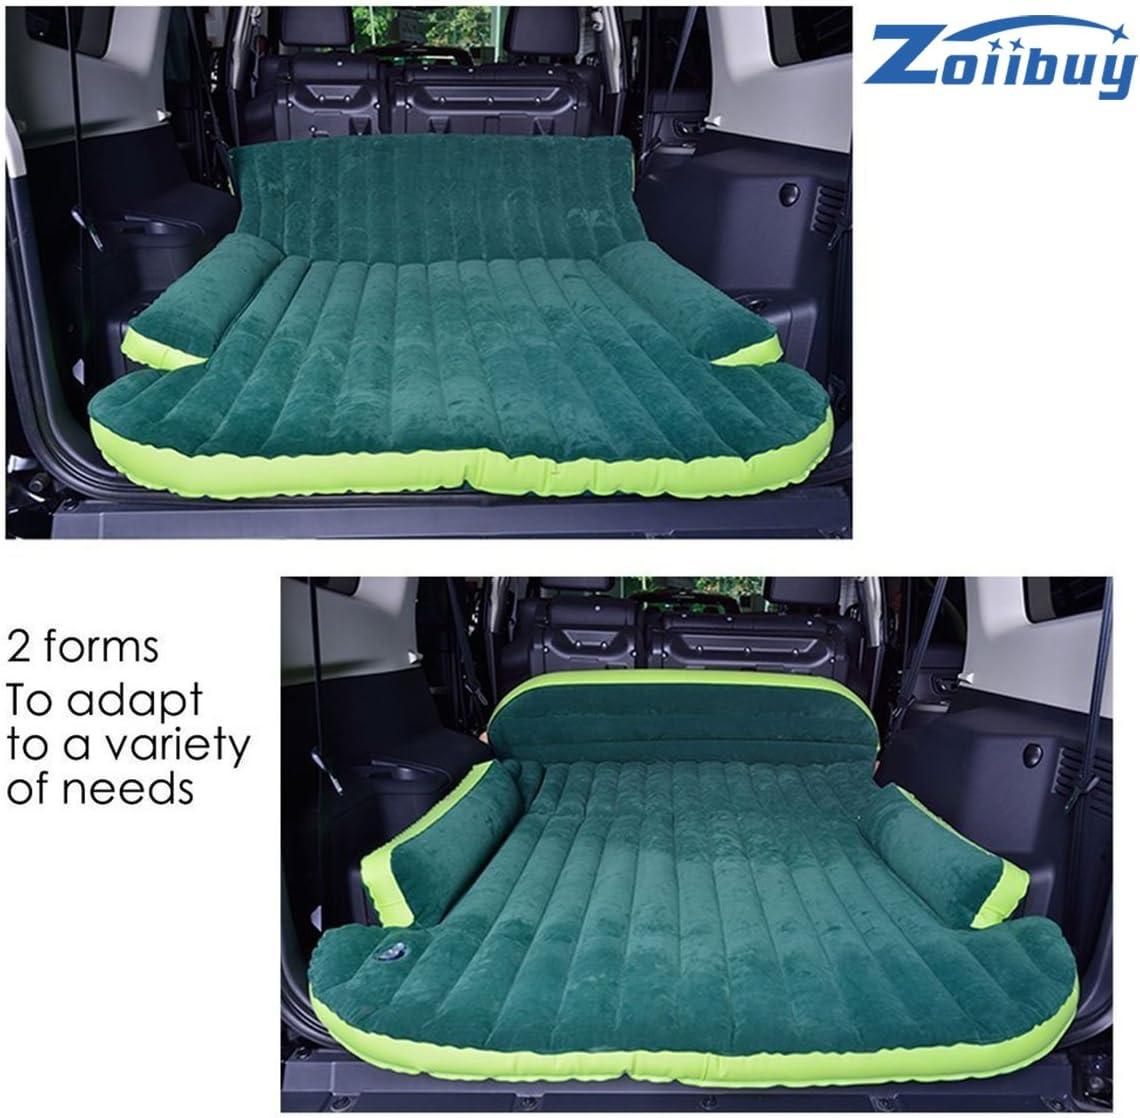 Zoiibuy SUV Colch/ón de Aire Cama Doble Cama de Coche Port/átil para Viajar al Aire Libre Incluyendo la Bomba de Aire El/éctrico